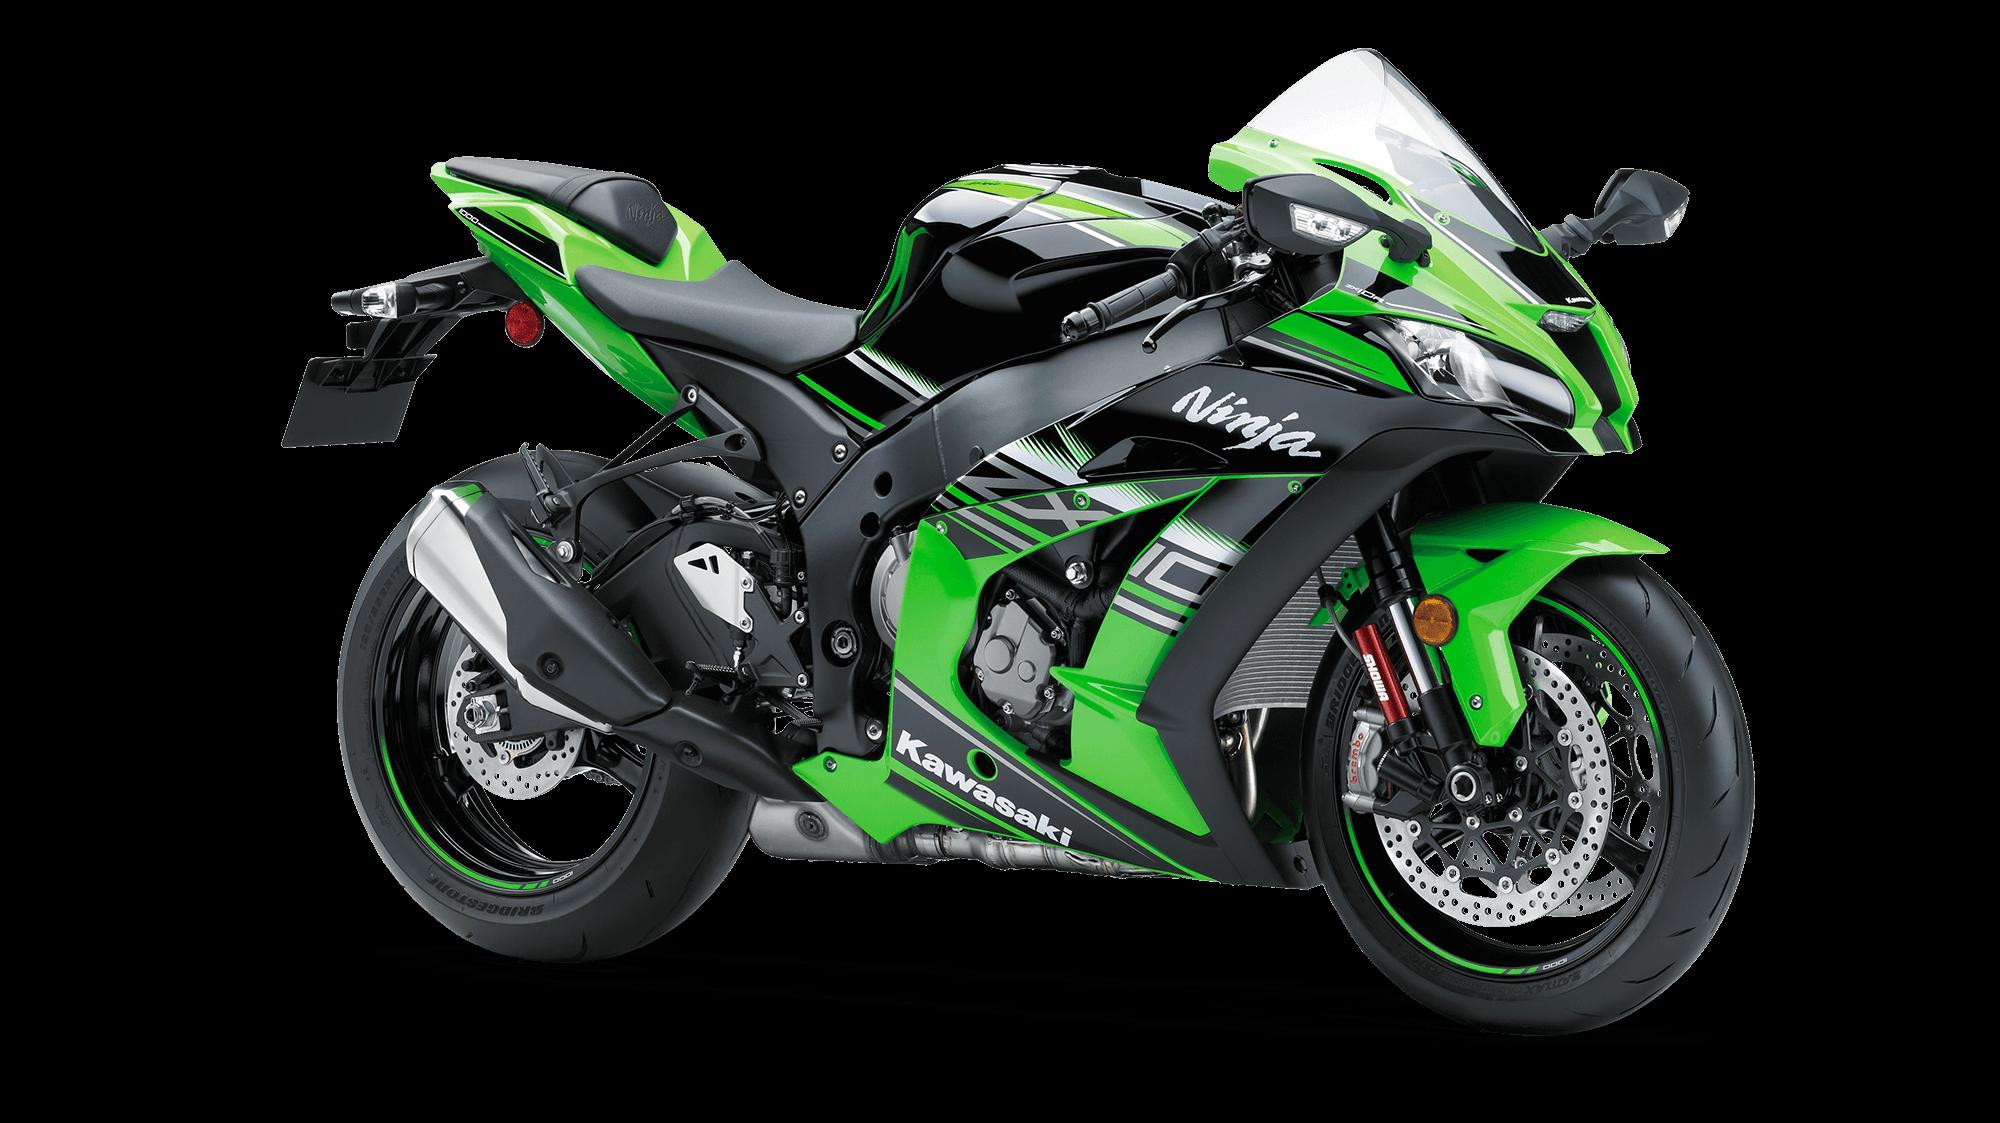 Ficha técnica da Kawasaki ZX-10R 2016 a 2019